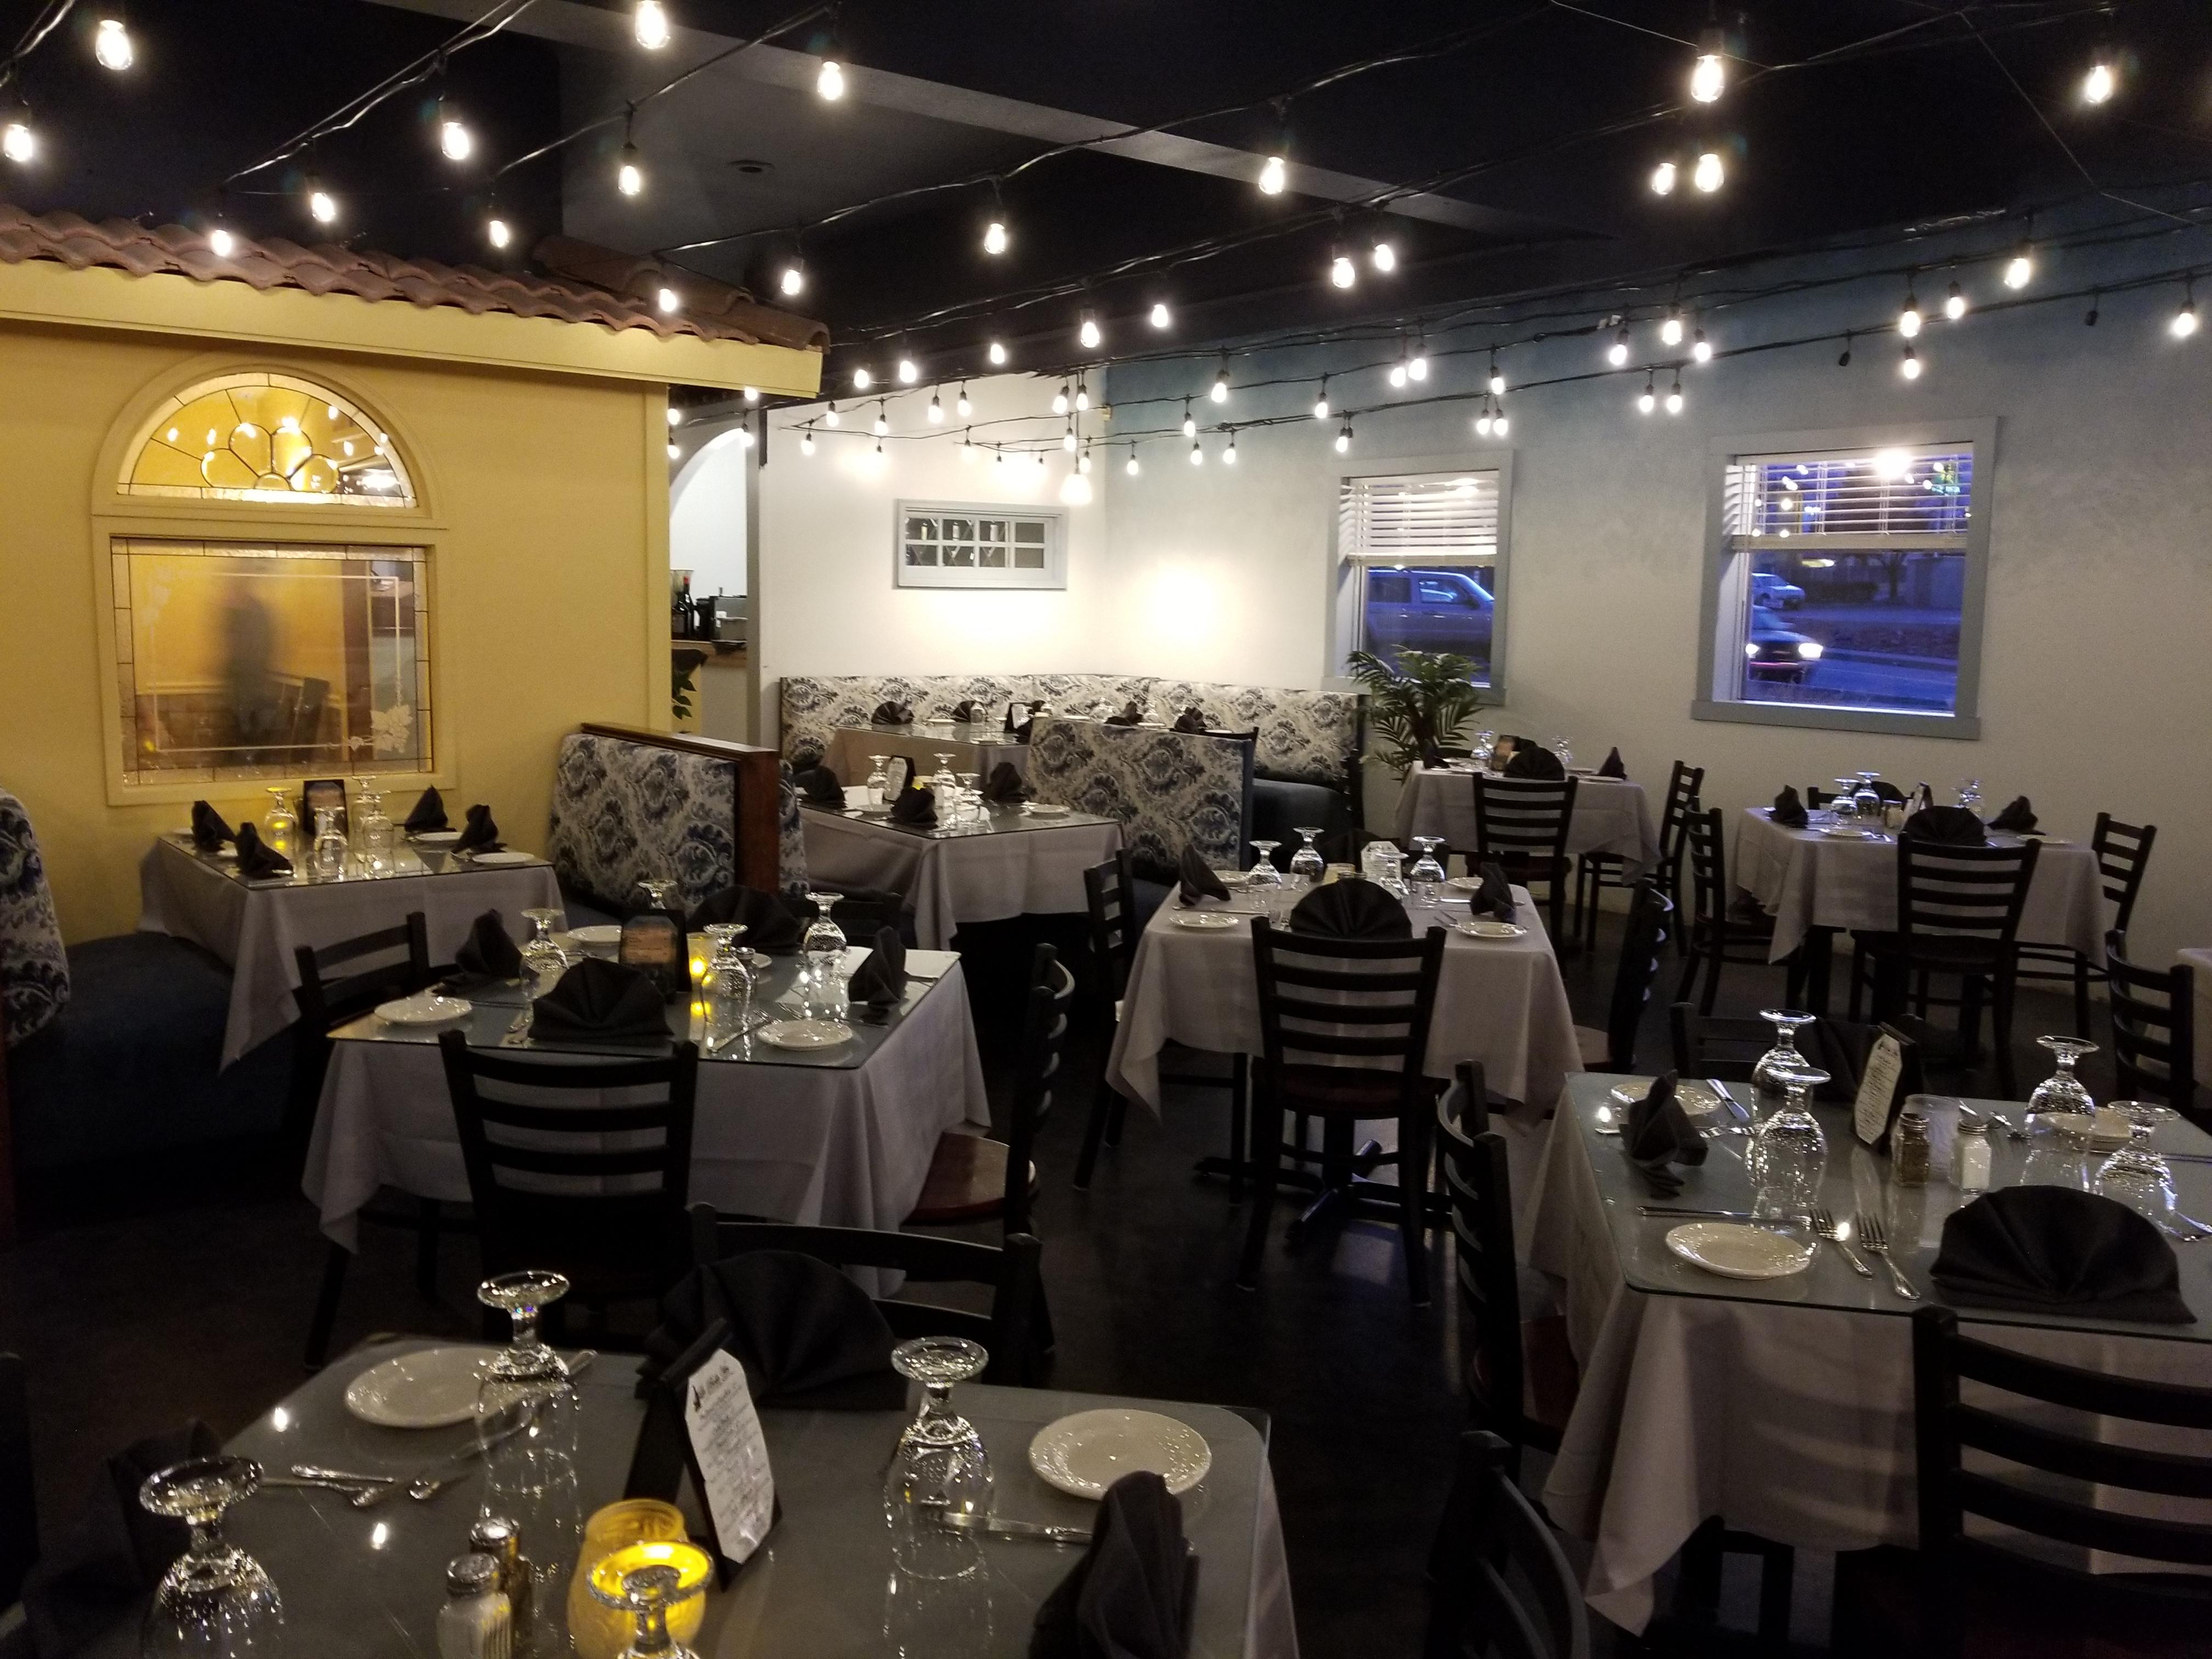 LBV Dining room 02